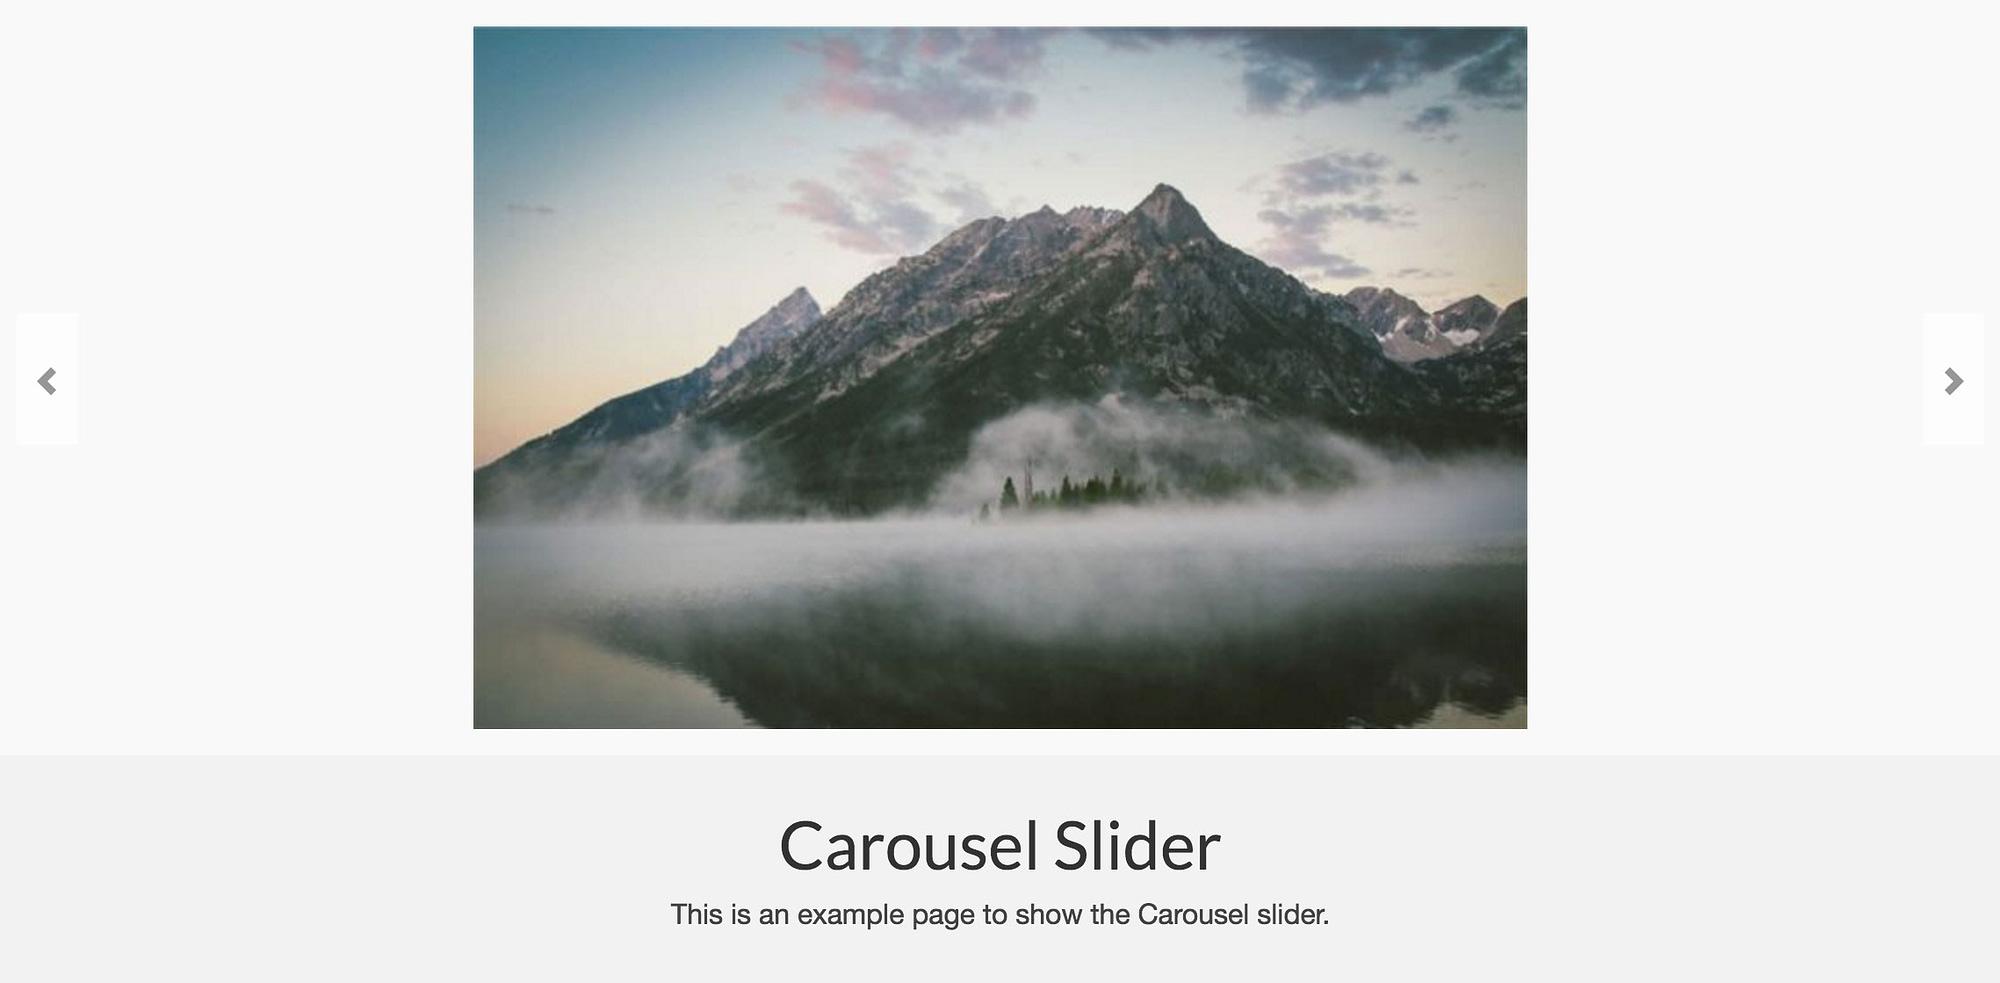 carousel_slider